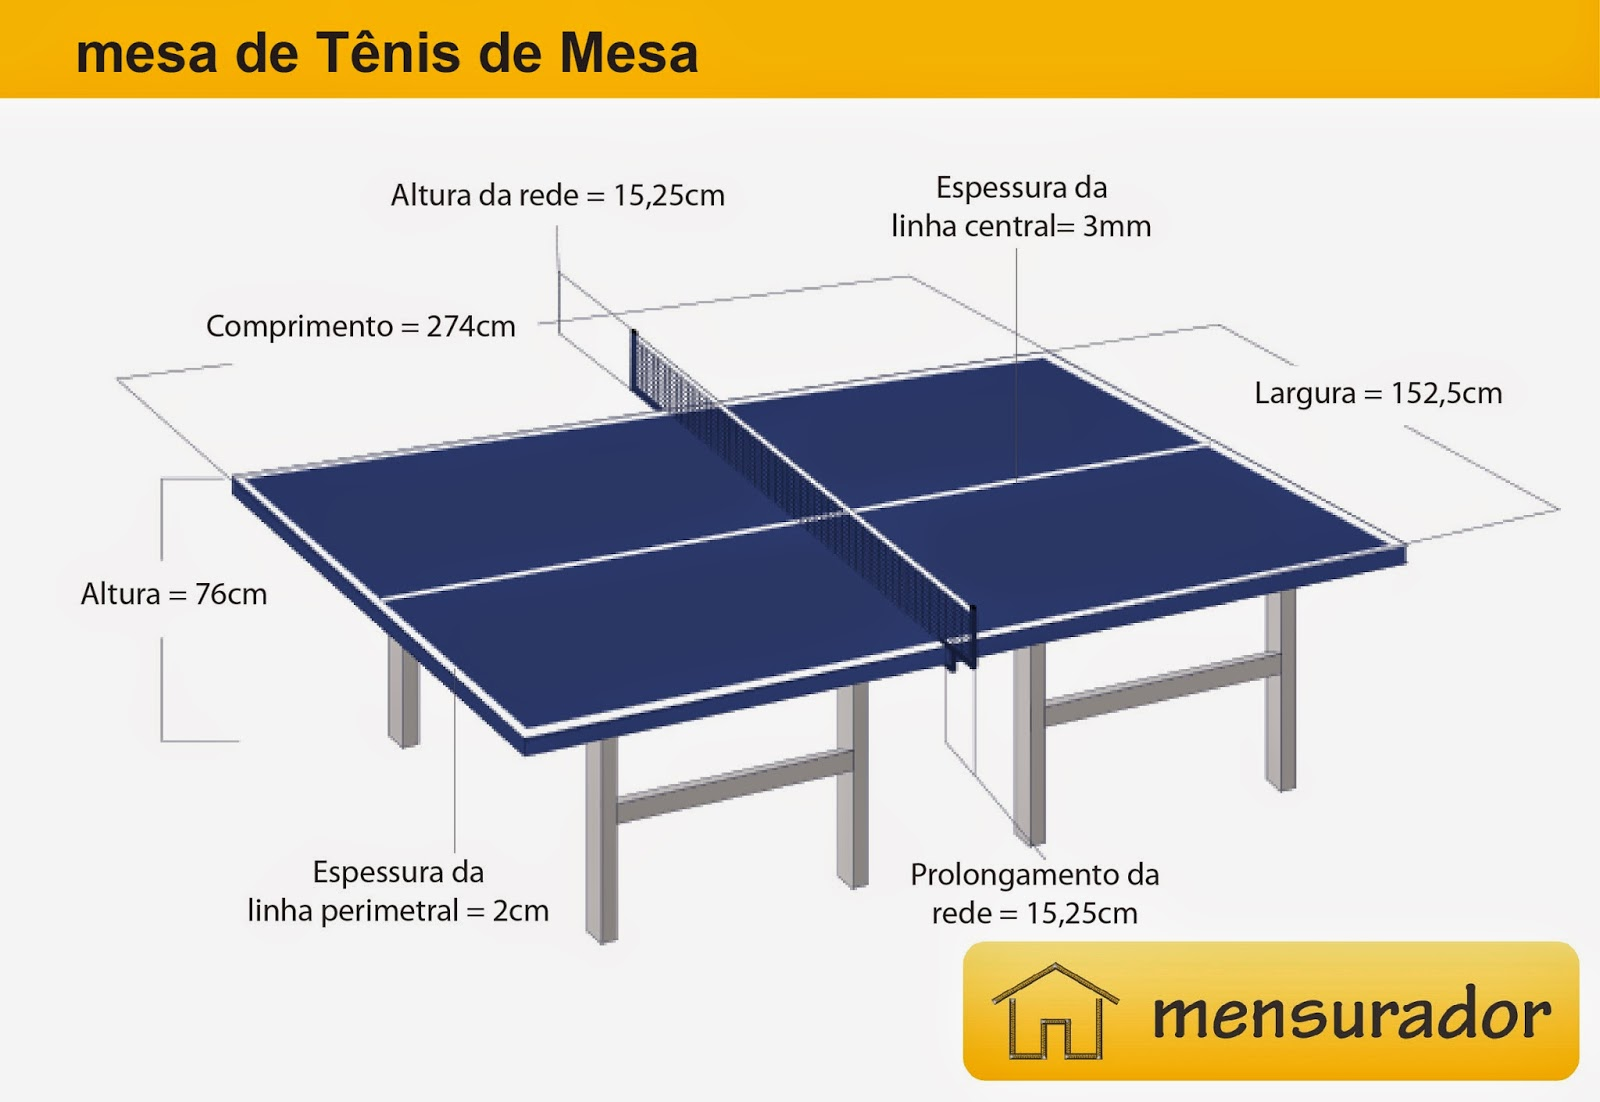 Pin tenis de mesa la vila joiosa villajoyosa fiestas for Mesa tenis de mesa